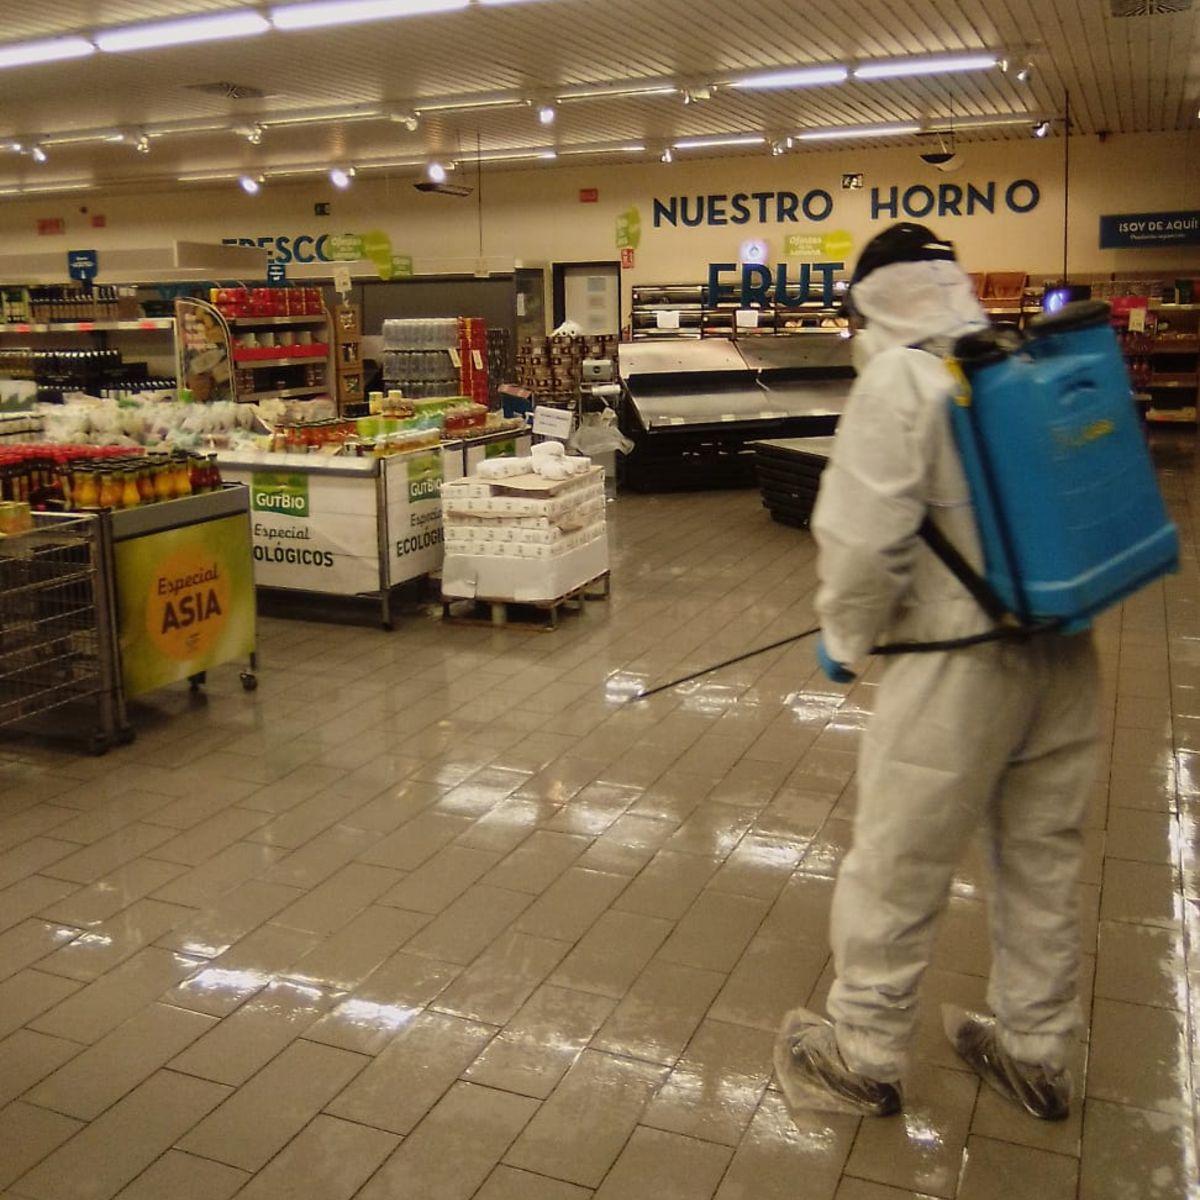 Plagas comunes en centros comerciales y tiendas minoristas